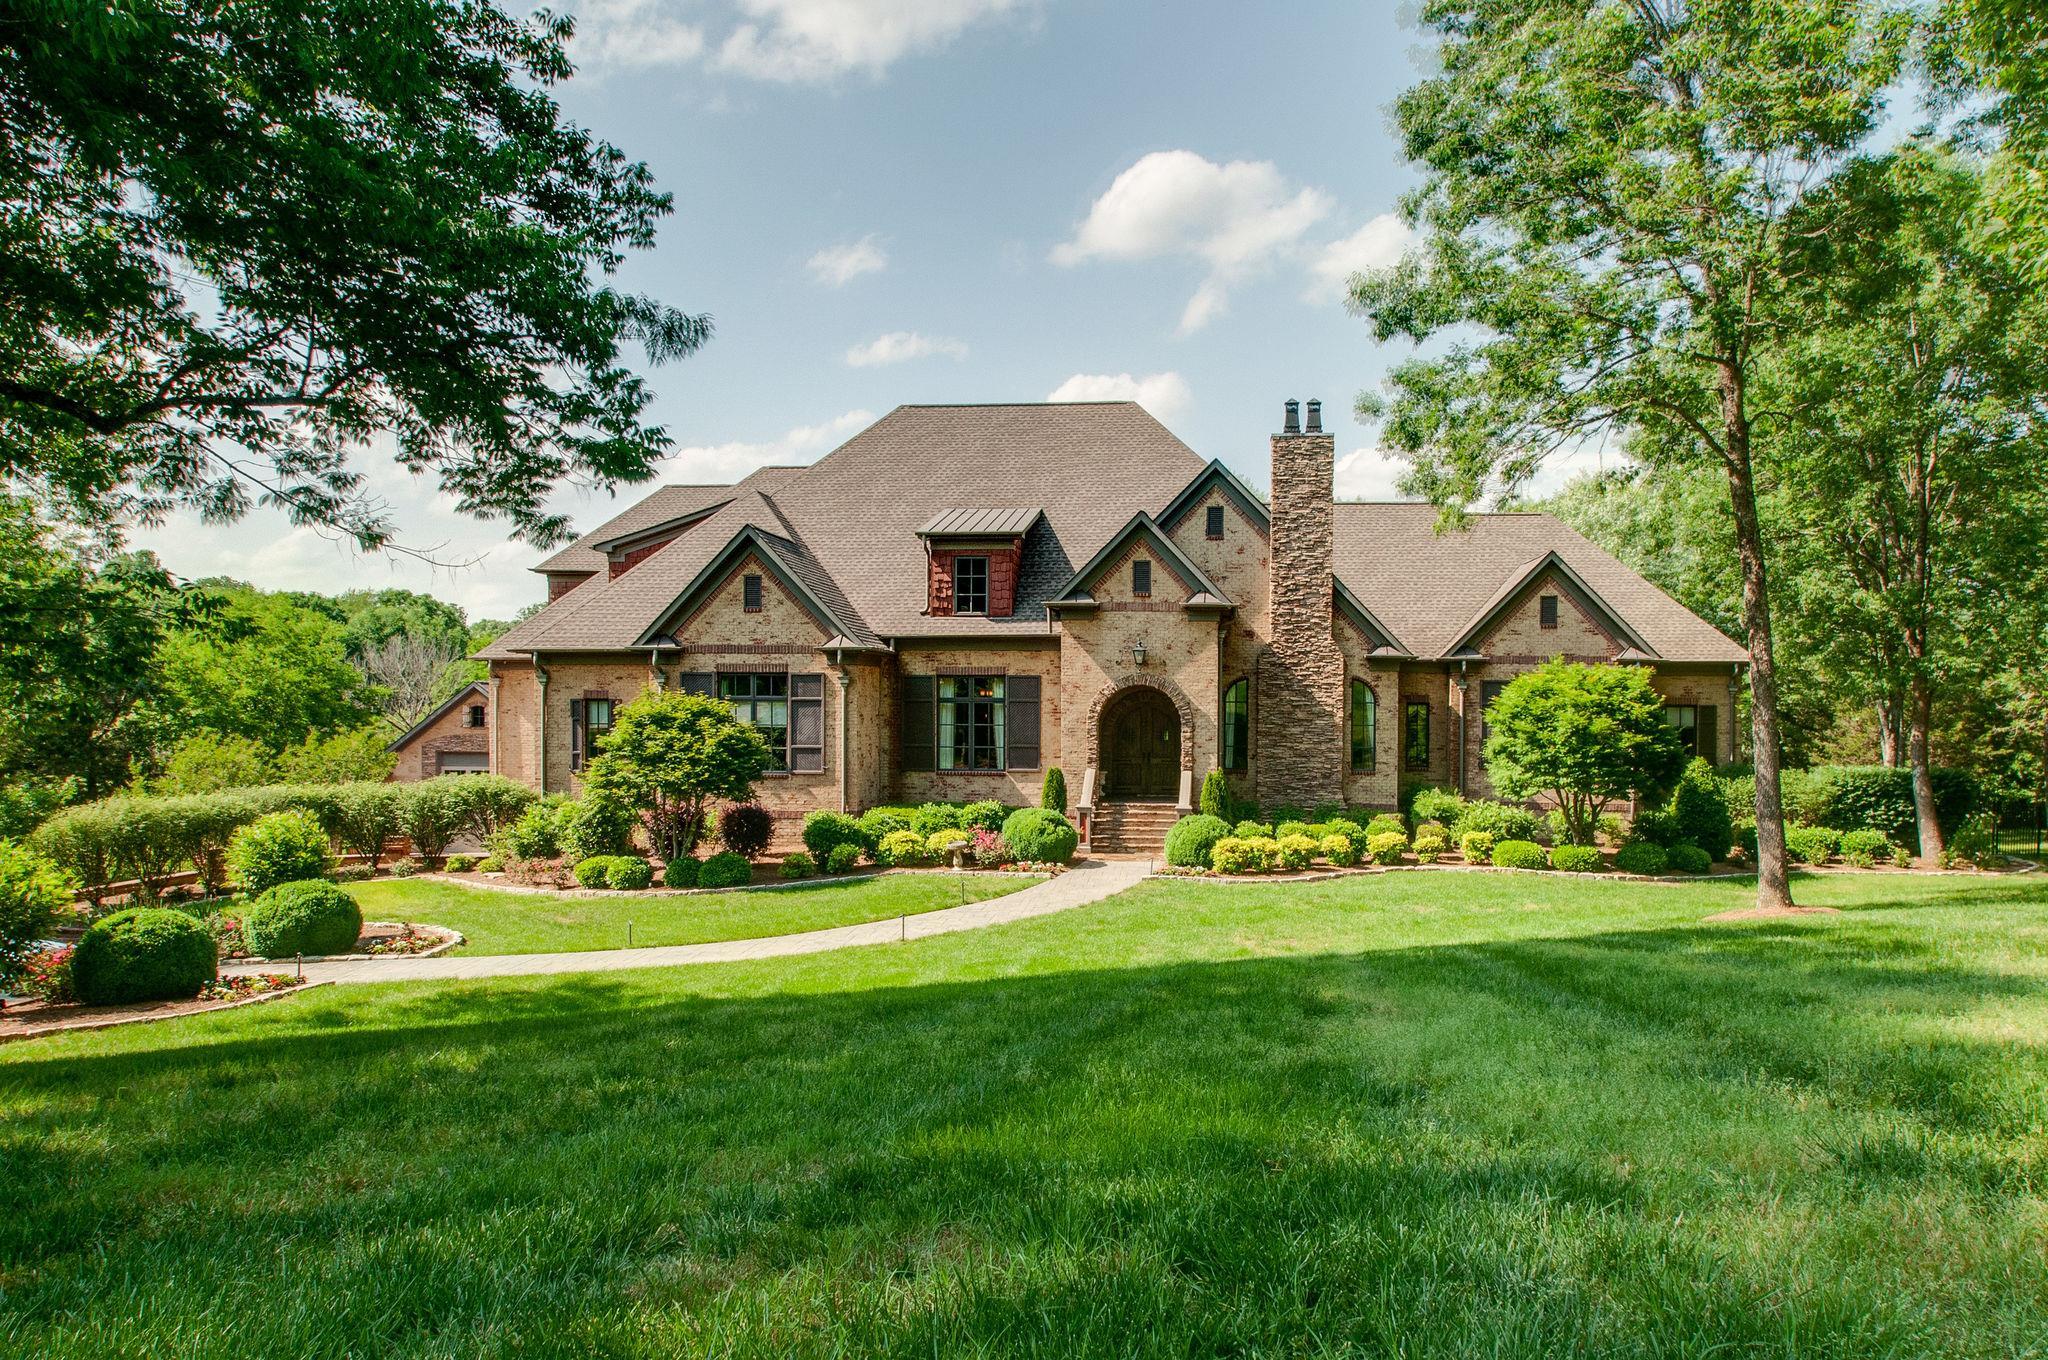 $2,900,000 - 8Br/10Ba -  for Sale in Between The Harpeths Sec 1, Nashville